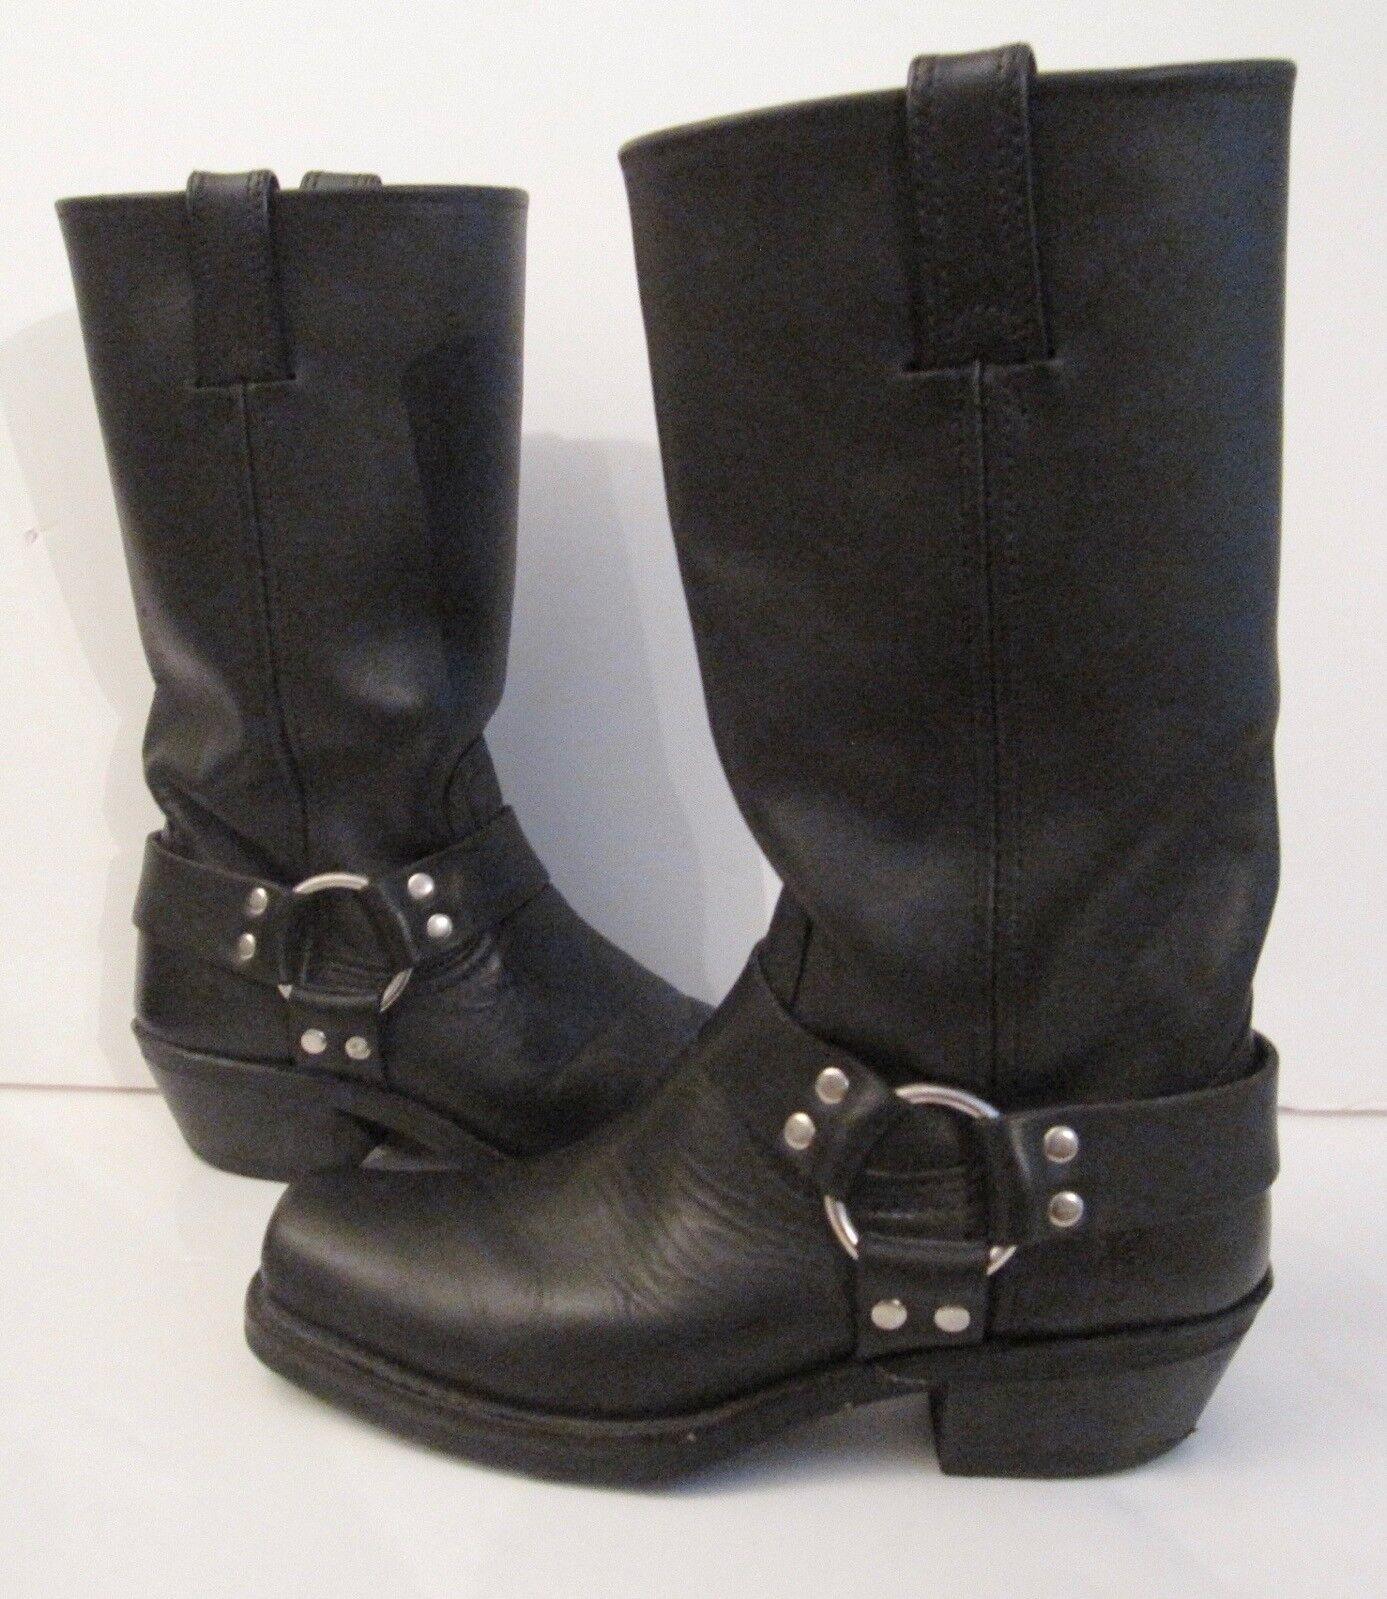 Para Mujeres Cuero Negro Negro Negro Frye ARNÉS's botas 7 tendencias rojoucido 071215  alto descuento